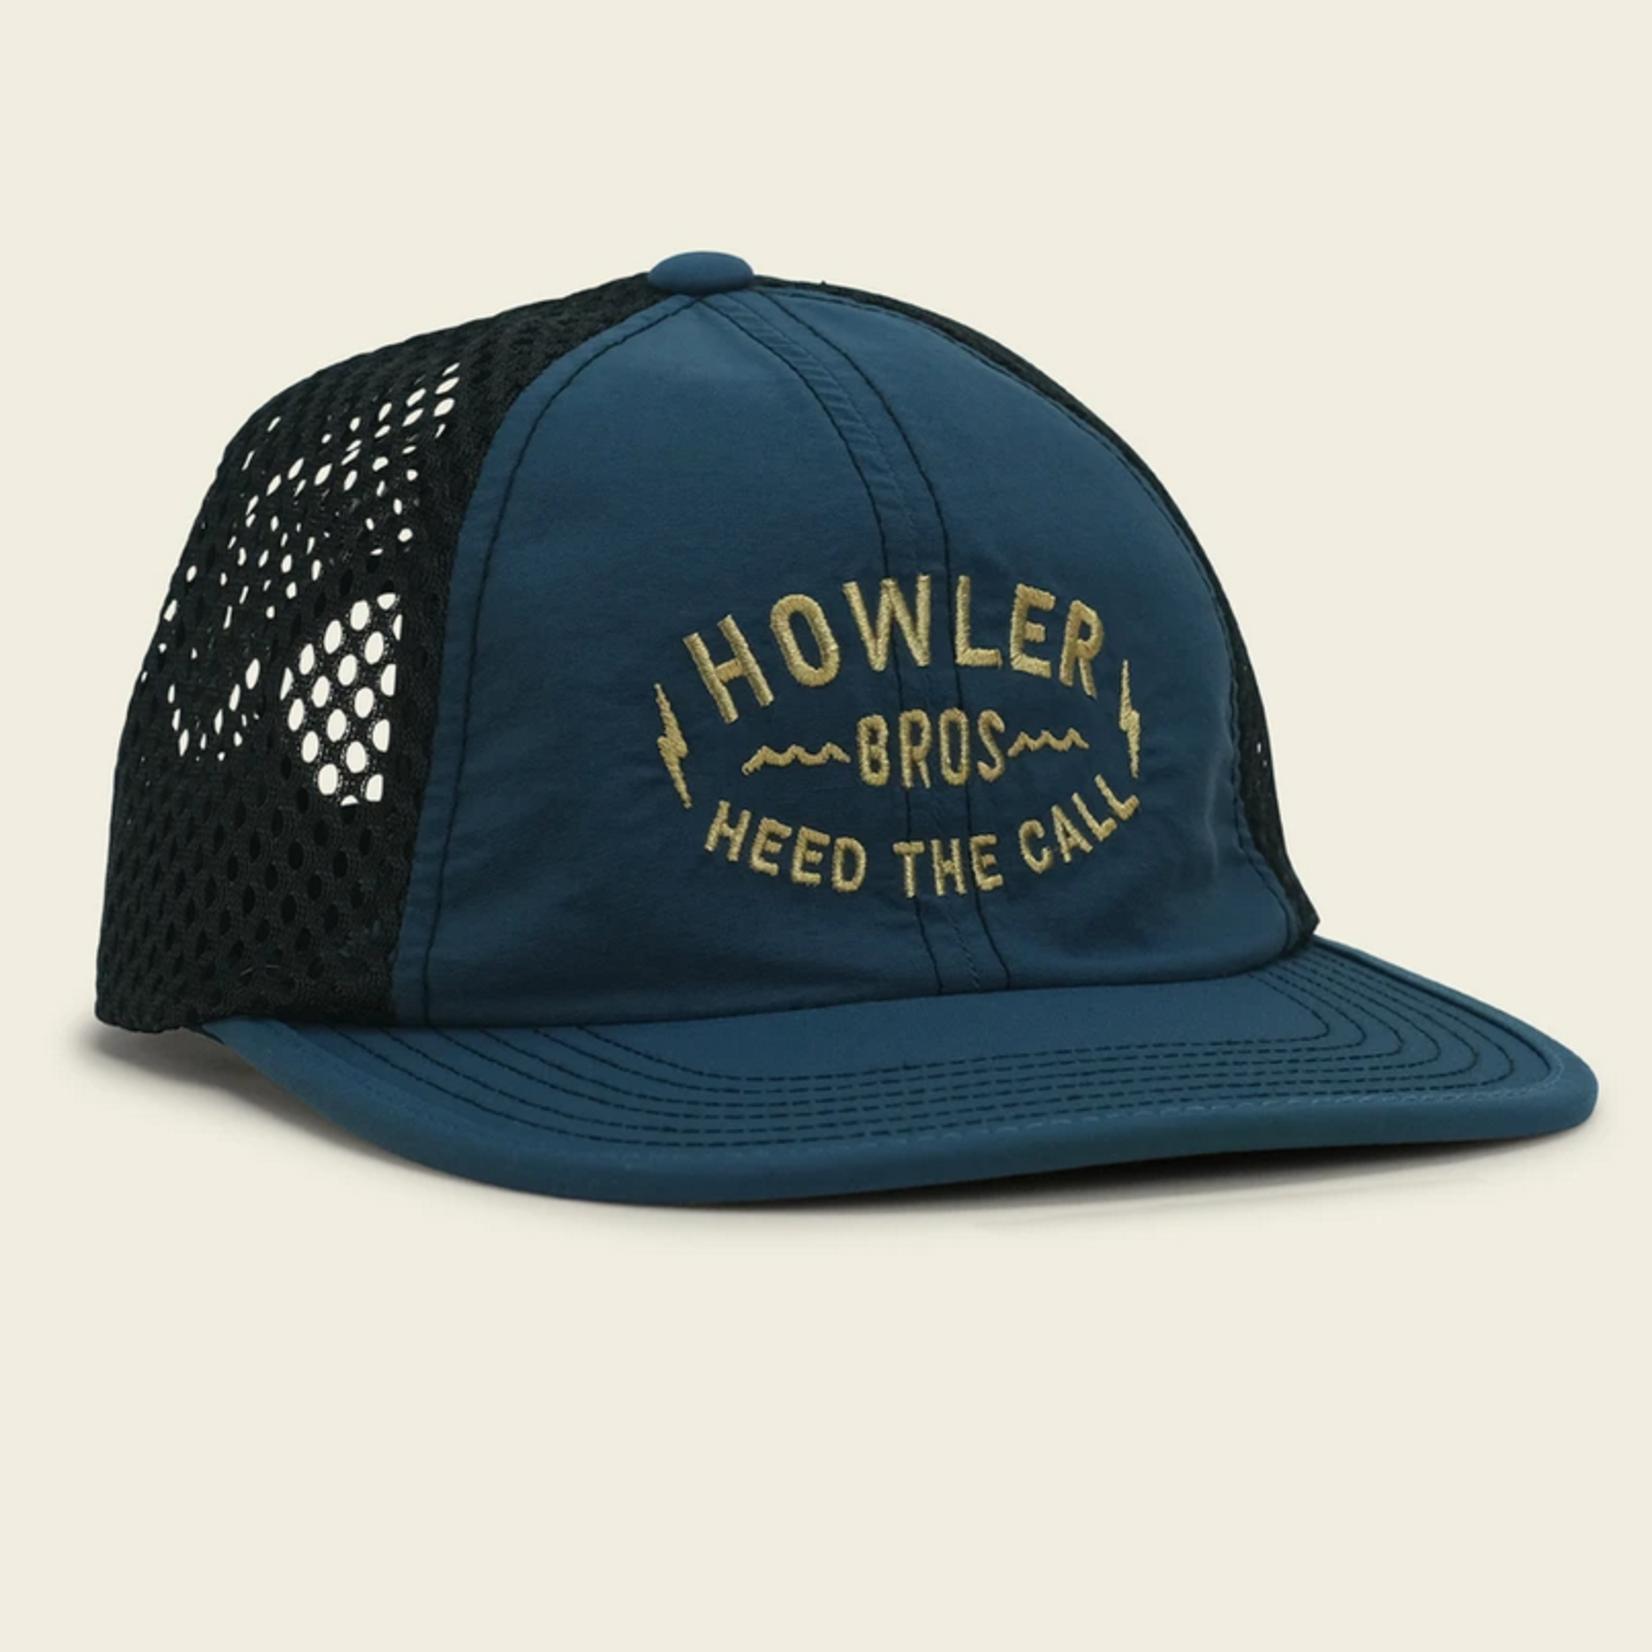 Howler Bros Painted Howler Navy/Black